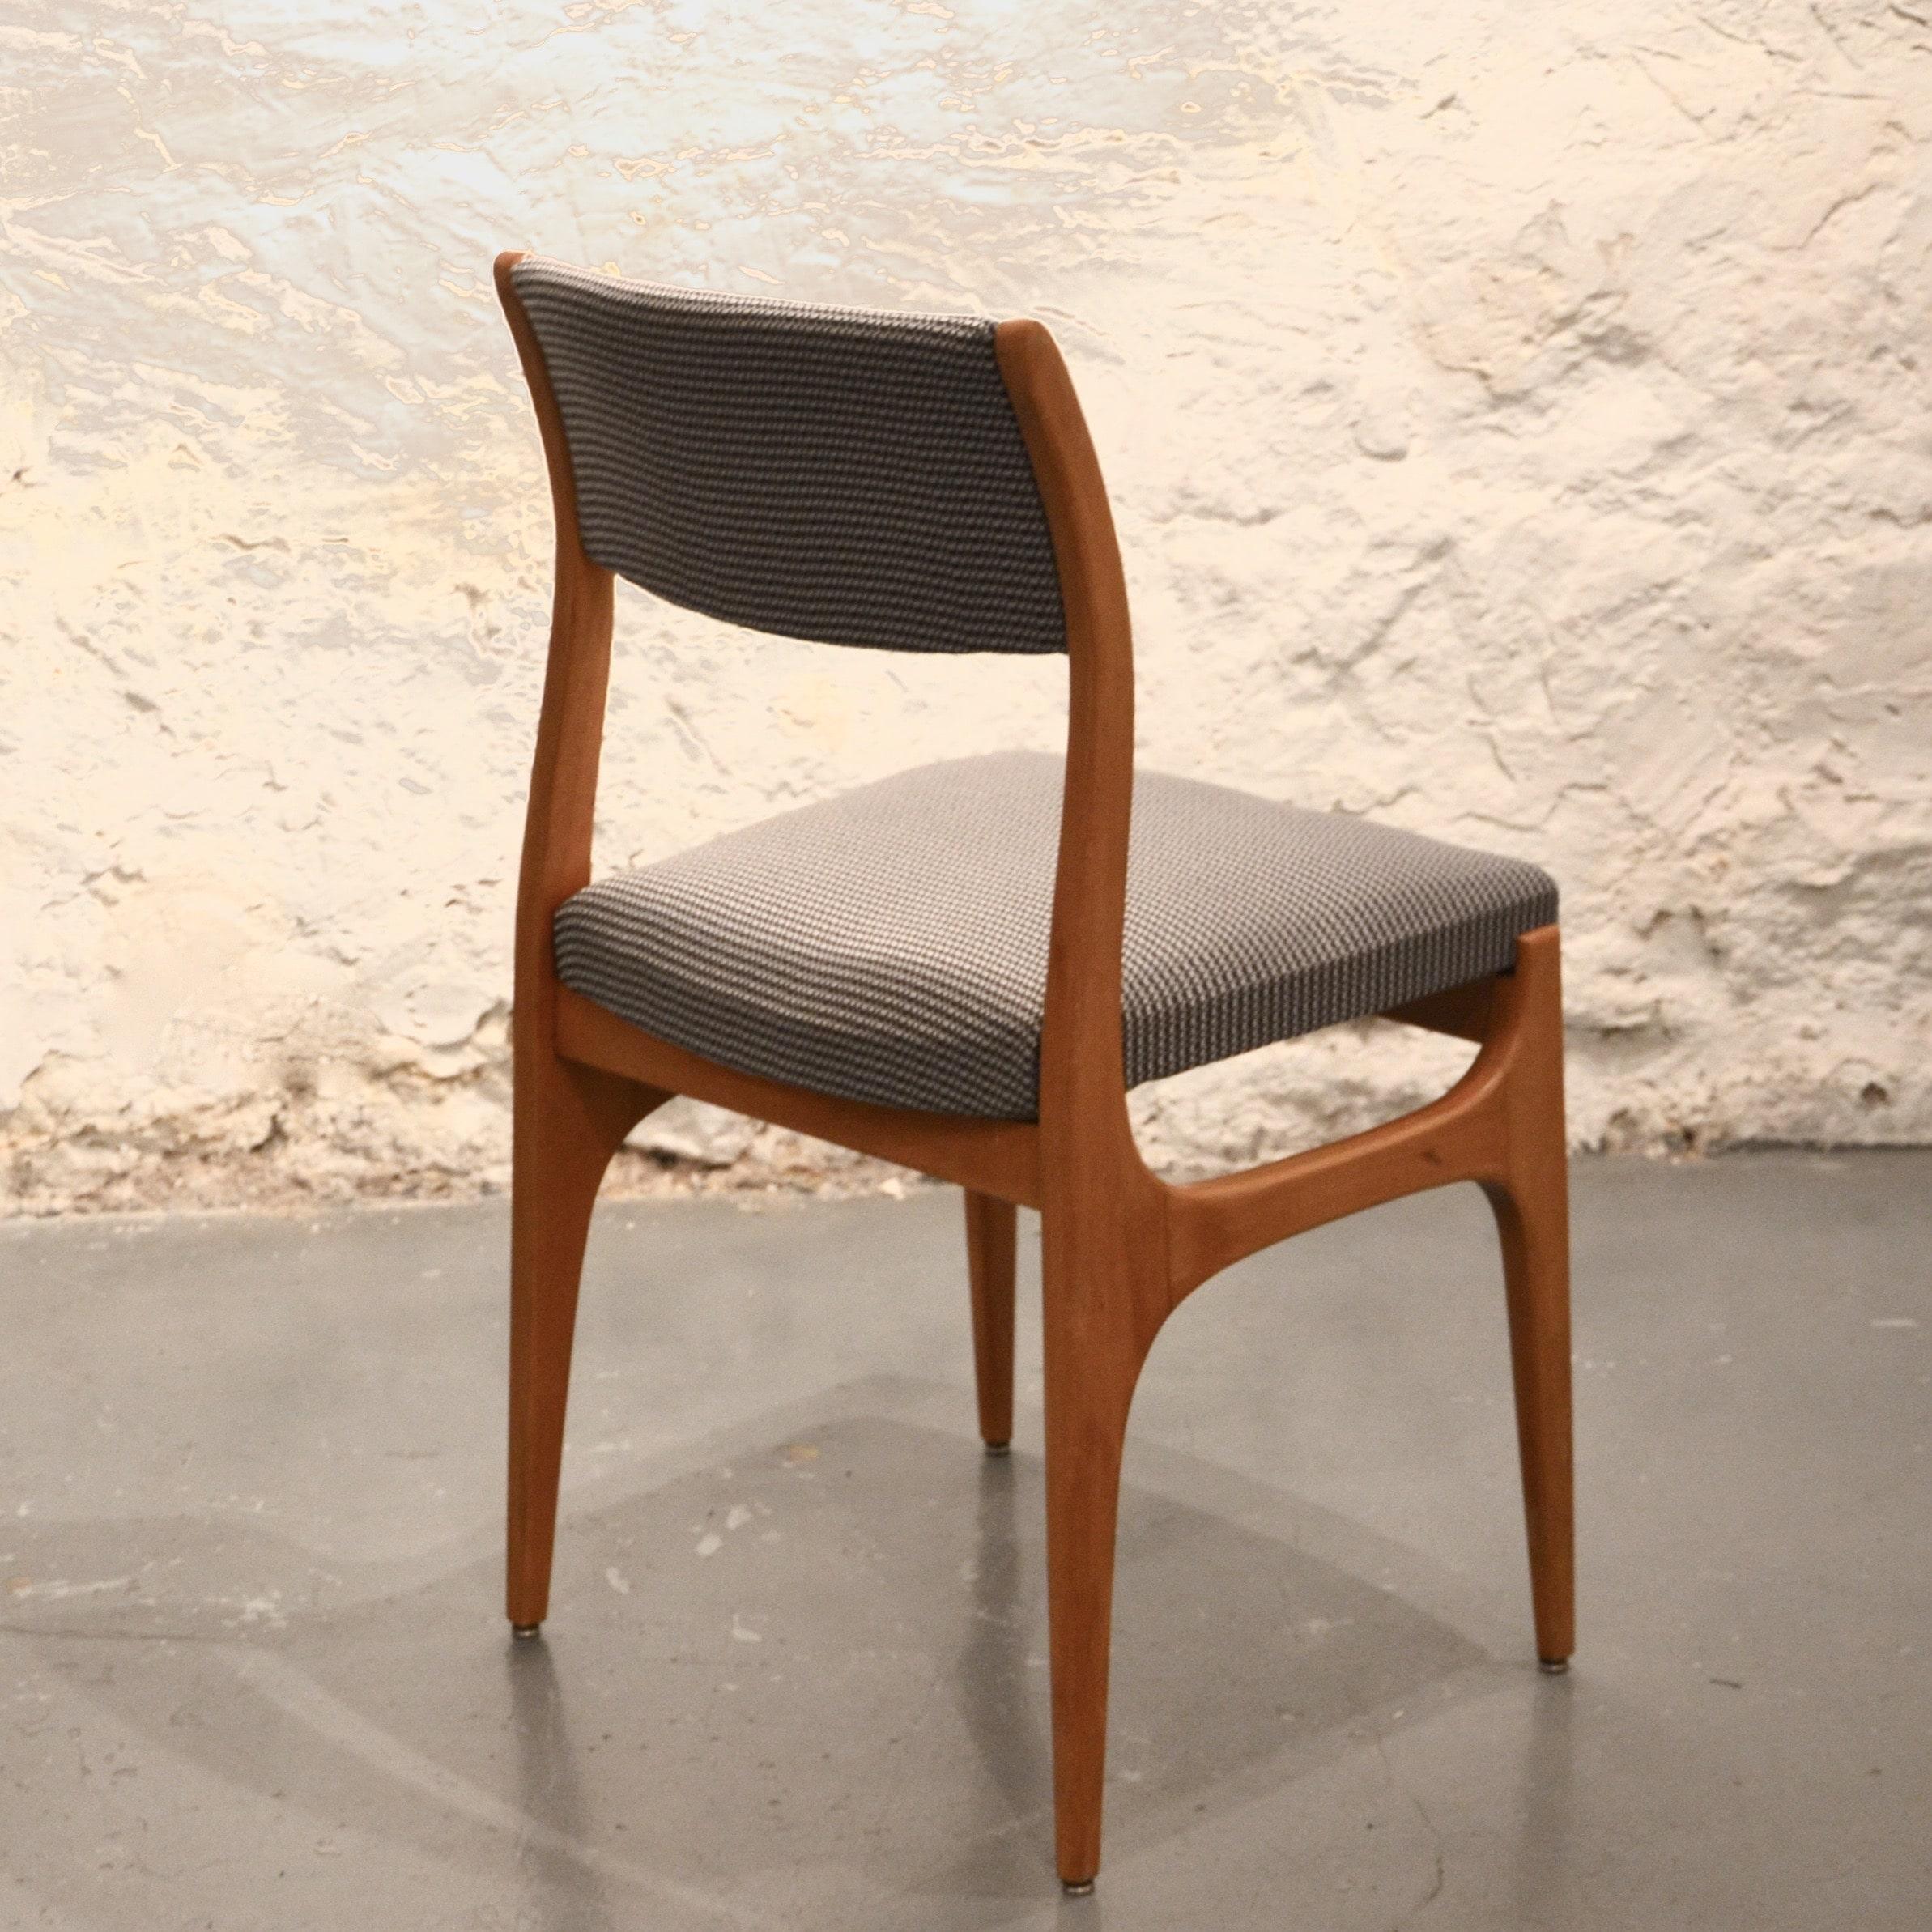 chaise fran aise des ann es 60 retapiss e bindiesbindies. Black Bedroom Furniture Sets. Home Design Ideas